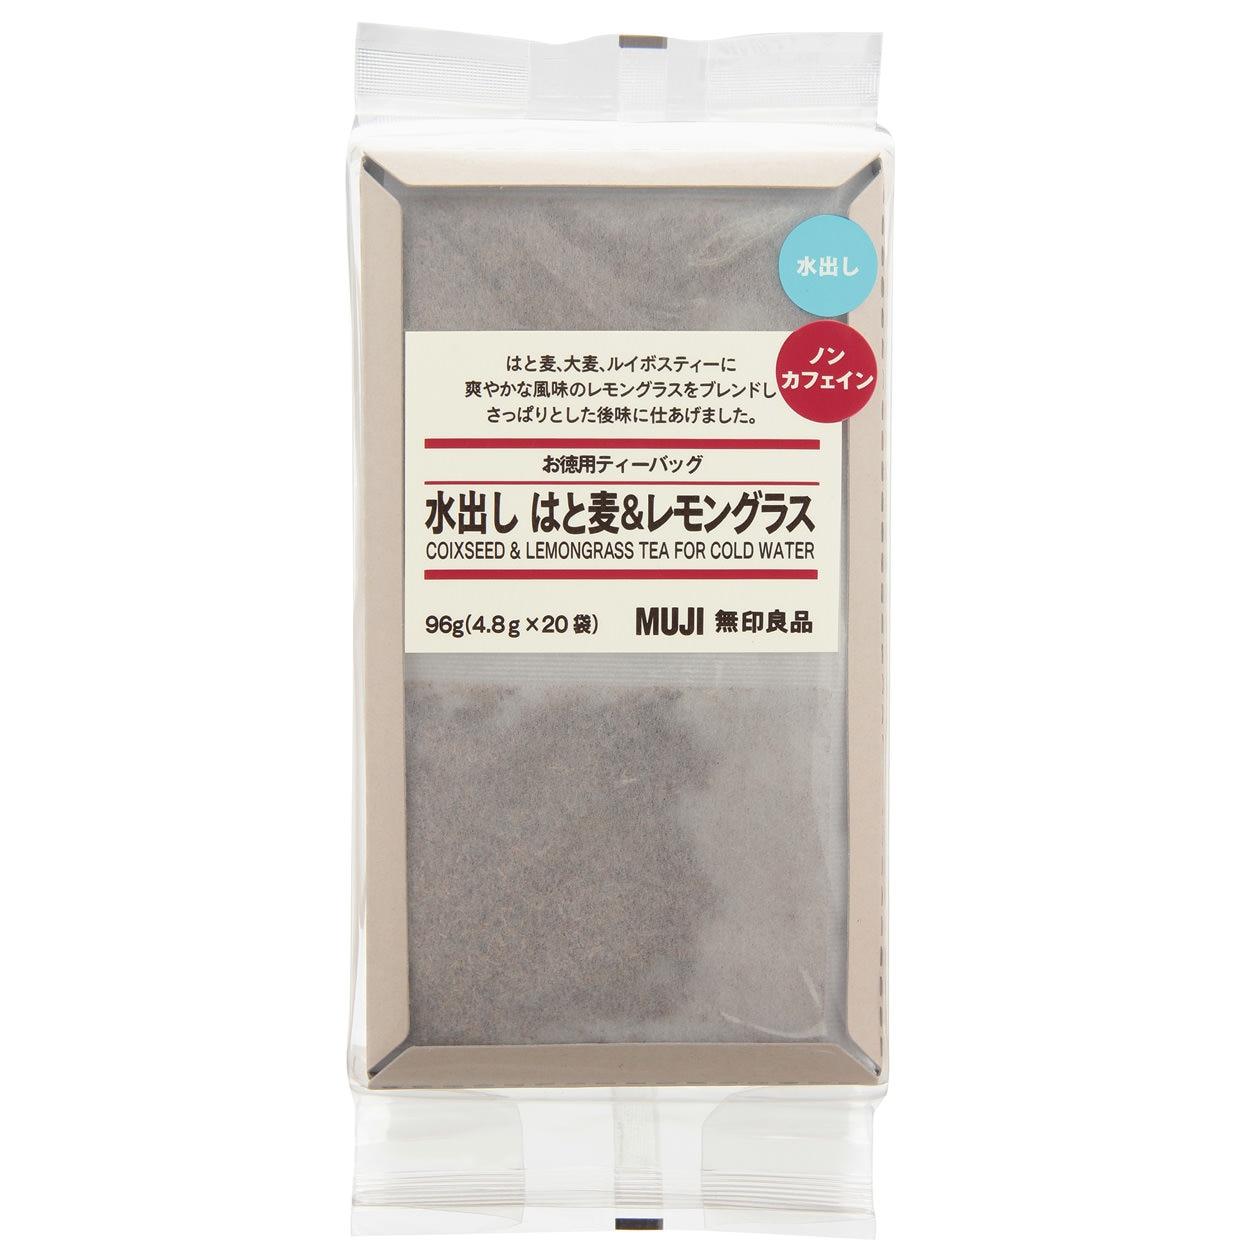 サランラップ®|商品紹介|旭化成ホームプロダクツ